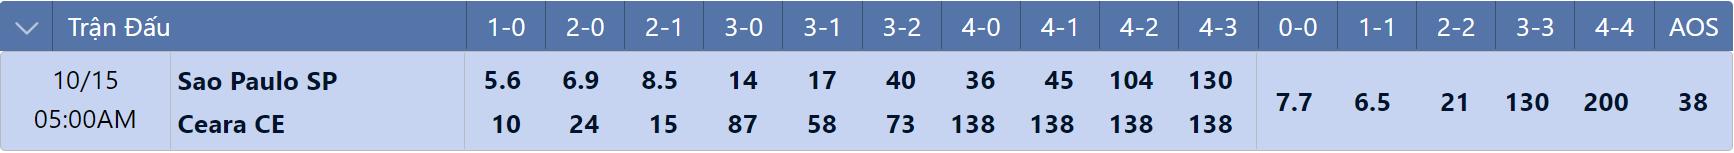 Tỷ lệ tỉ số chính xác Sao Paulo vs Ceara